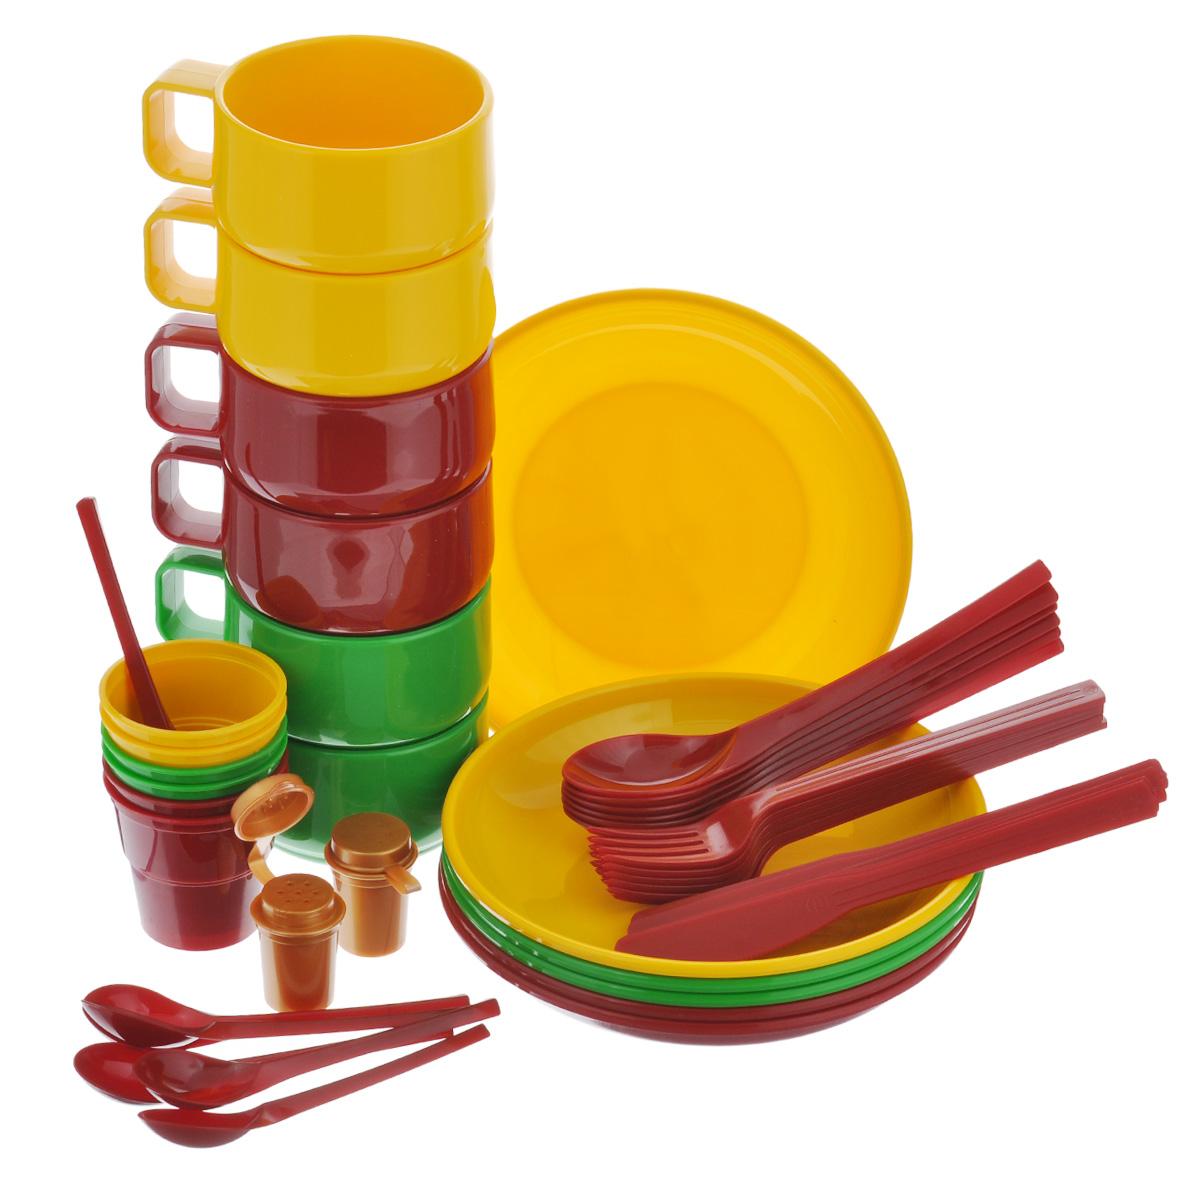 Набор посуды Solaris, на 6 персон4160.000Компактный минималистичный набор посуды Solaris на 6 персон, в удобной виниловой сумке с ручкой и молнией.Свойства посуды:Посуда из ударопрочного пищевого полипропилена предназначена для многократного использования. Легкая, прочная и износостойкая, экологически чистая, эта посуда работает в диапазоне температур от -25°С до +110°С. Можно мыть в посудомоечной машине. Эта посуда также обеспечивает:Хранение горячих и холодных пищевых продуктов;Разогрев продуктов в микроволновой печи;Приготовление пищи в микроволновой печи на пару (пароварка);Хранение продуктов в холодильной и морозильной камере;Кипячение воды с помощью электрокипятильника.Комплектация набора на 6 персон:6 тарелок;6 чашек объемом 0,28 л;6 стаканов с мерными делениями объемом 0,1 л;6 вилок;6 столовых ложек;6 ножей;6 чайных ложек;2 солонки.Диаметр тарелок: 19 см.Высота тарелок: 3 см.Высота стаканов: 6,3 см.Диаметр стаканов: 6,5 см.Высота чашек: 6,5 см.Диаметр чашек: 9,5 см.Длина ложек: 19 см.Длина ложек: 19 см.Длина ножей: 19 см.Длина чайных ложек: 13,5 см.